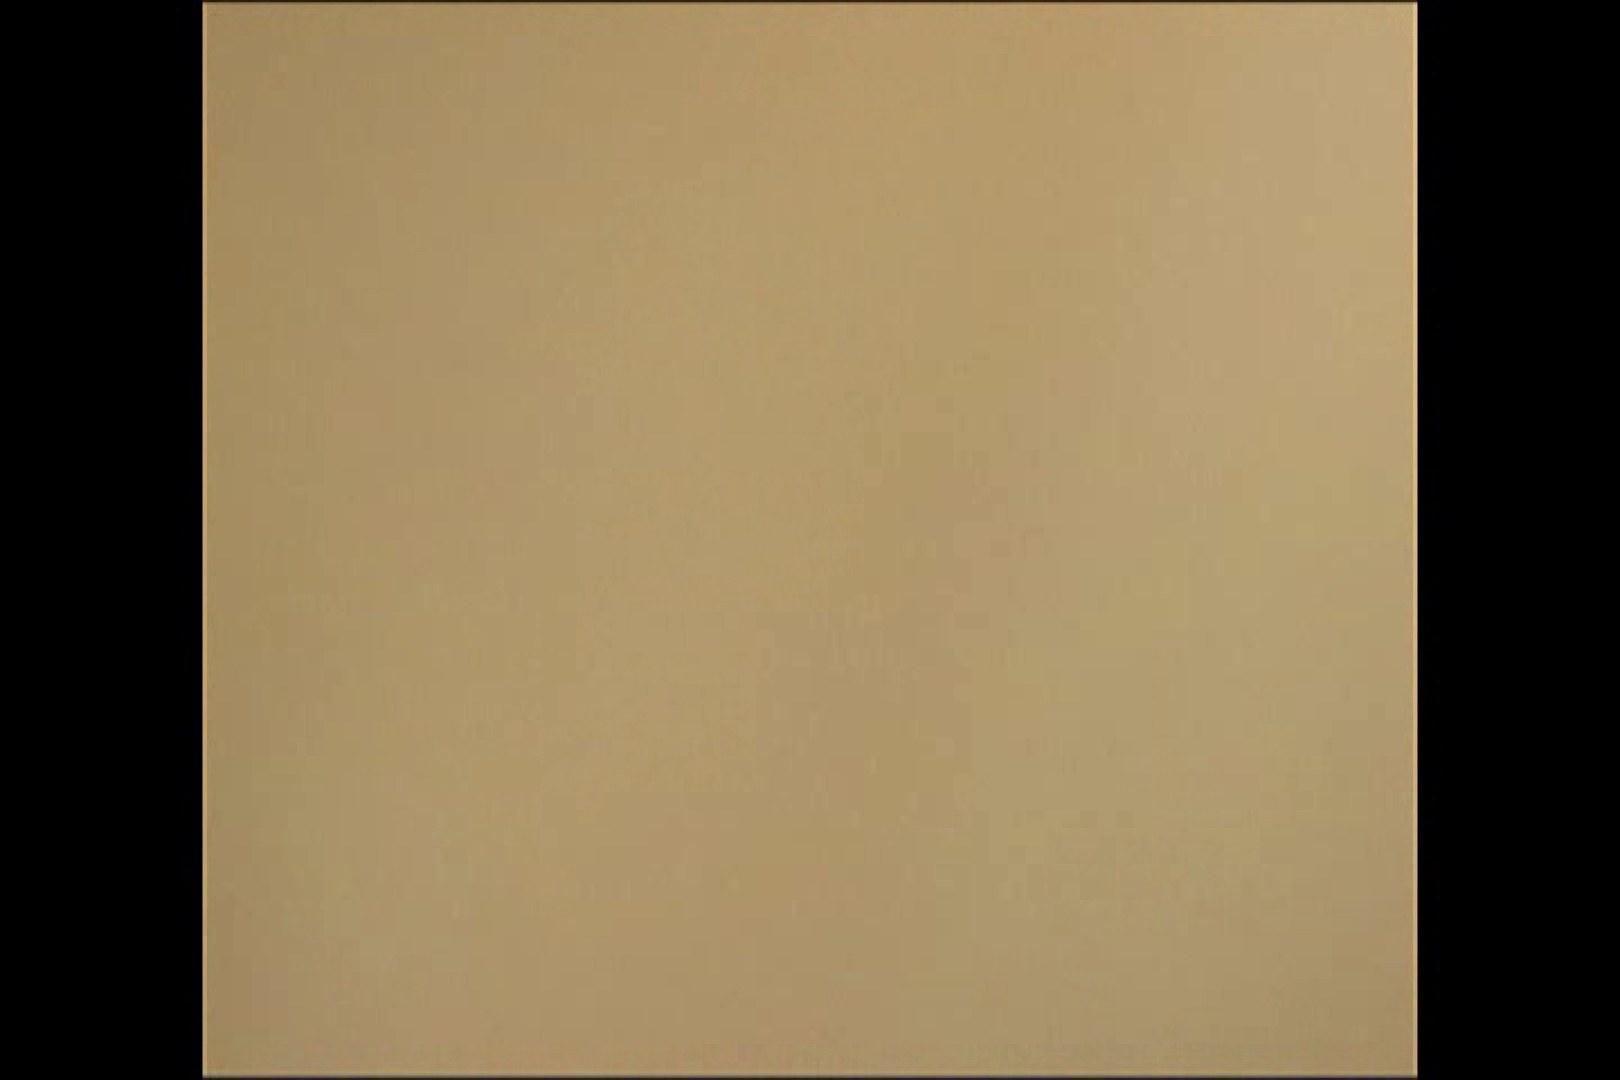 マンコ丸見え女子洗面所Vol.13 洗面所 隠し撮りすけべAV動画紹介 74画像 50